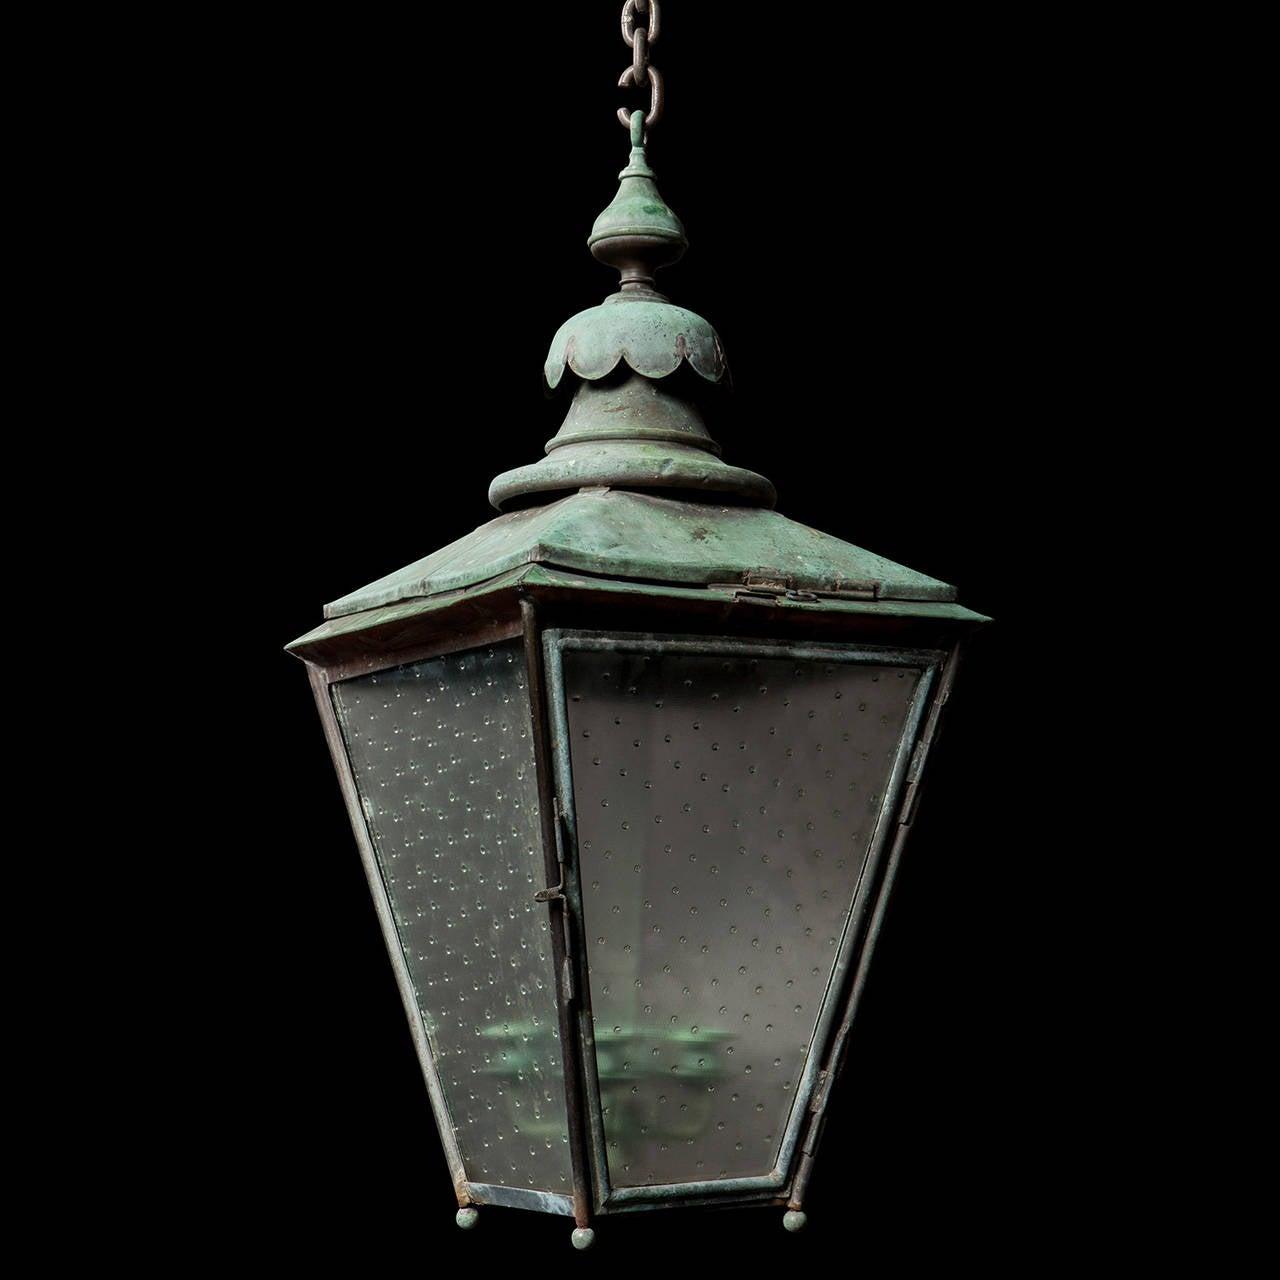 Verdigris Copper Outdoor Garden Lantern 2